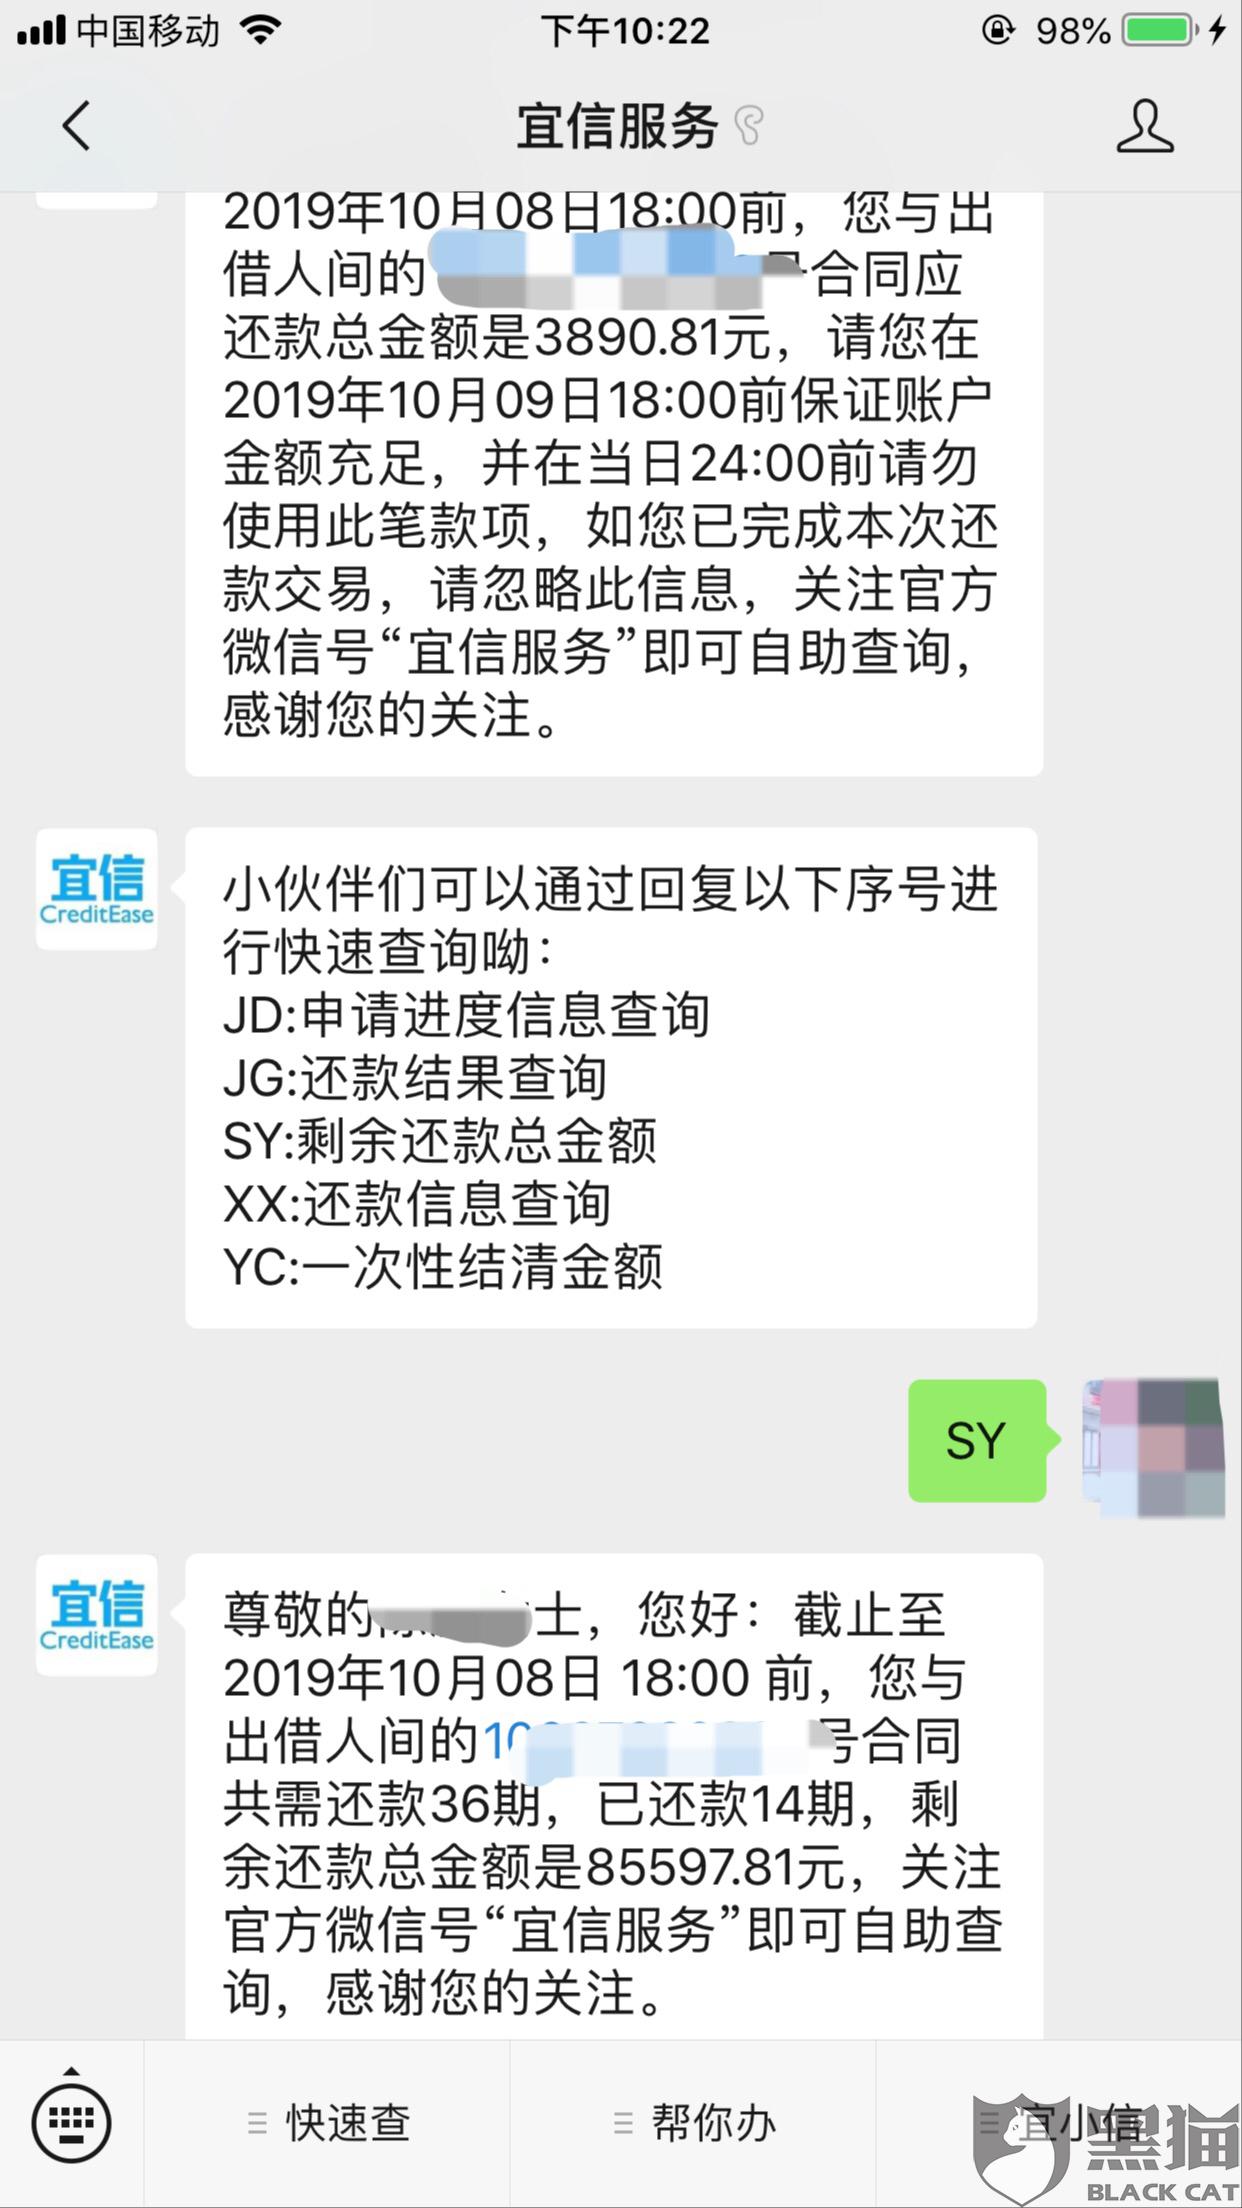 黑猫投诉:宜信普惠高利贷,还款一年多,本金一点没少!!!还我多付利息!重新计息!!